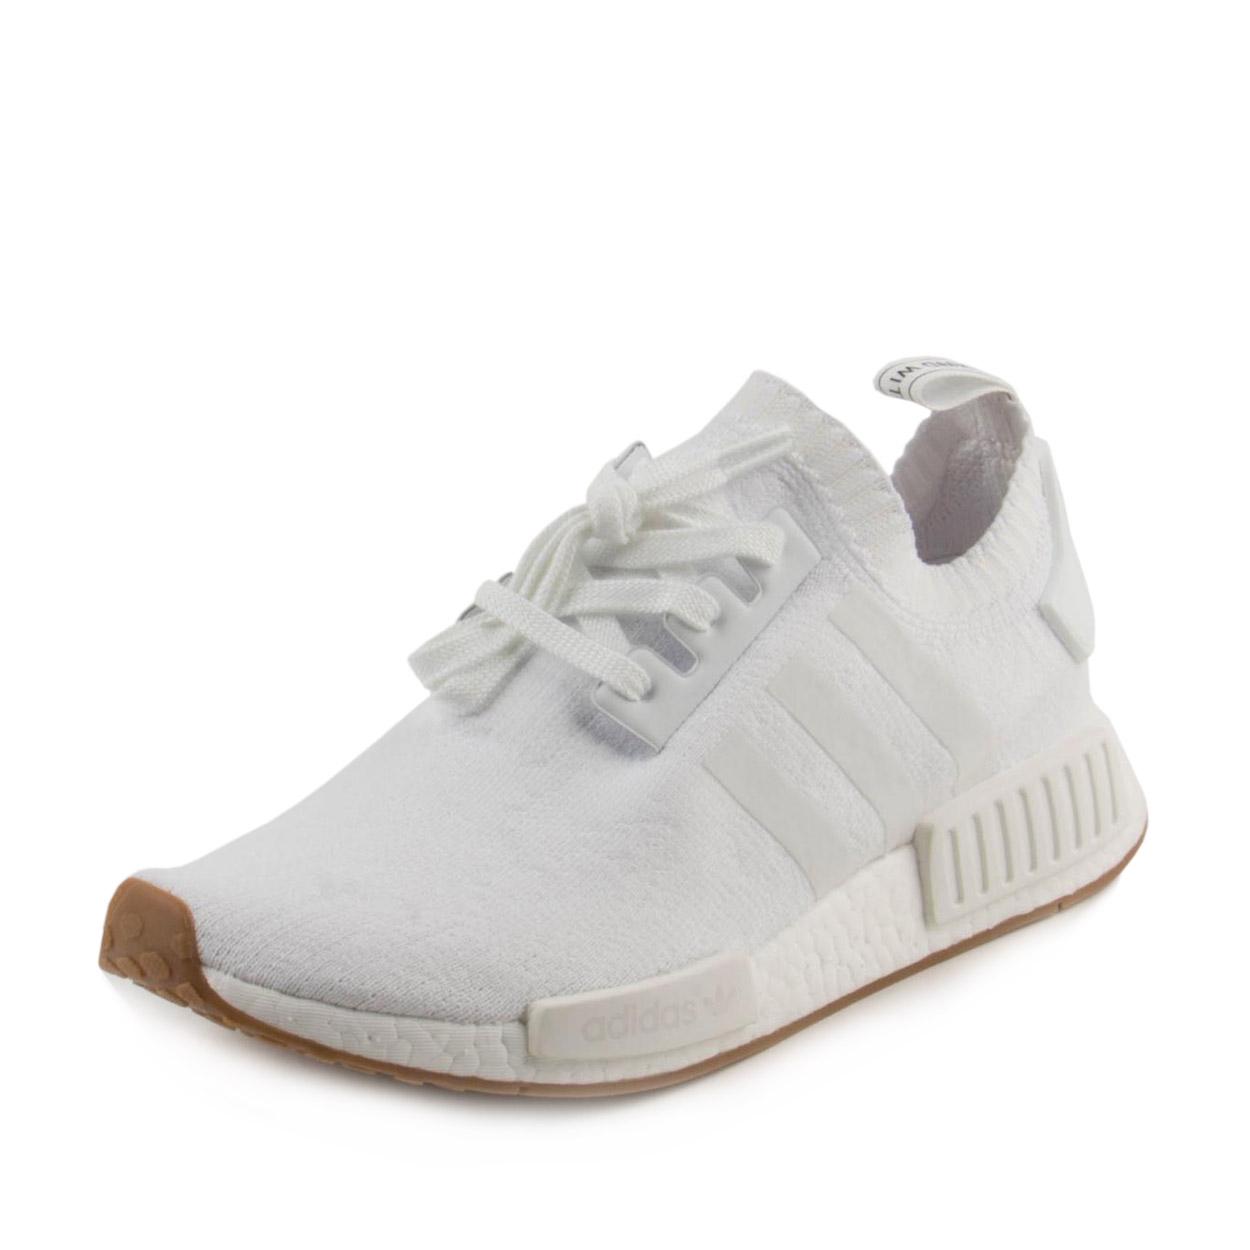 Adidas Mens NMD_R1 PK White/Gum BY1888